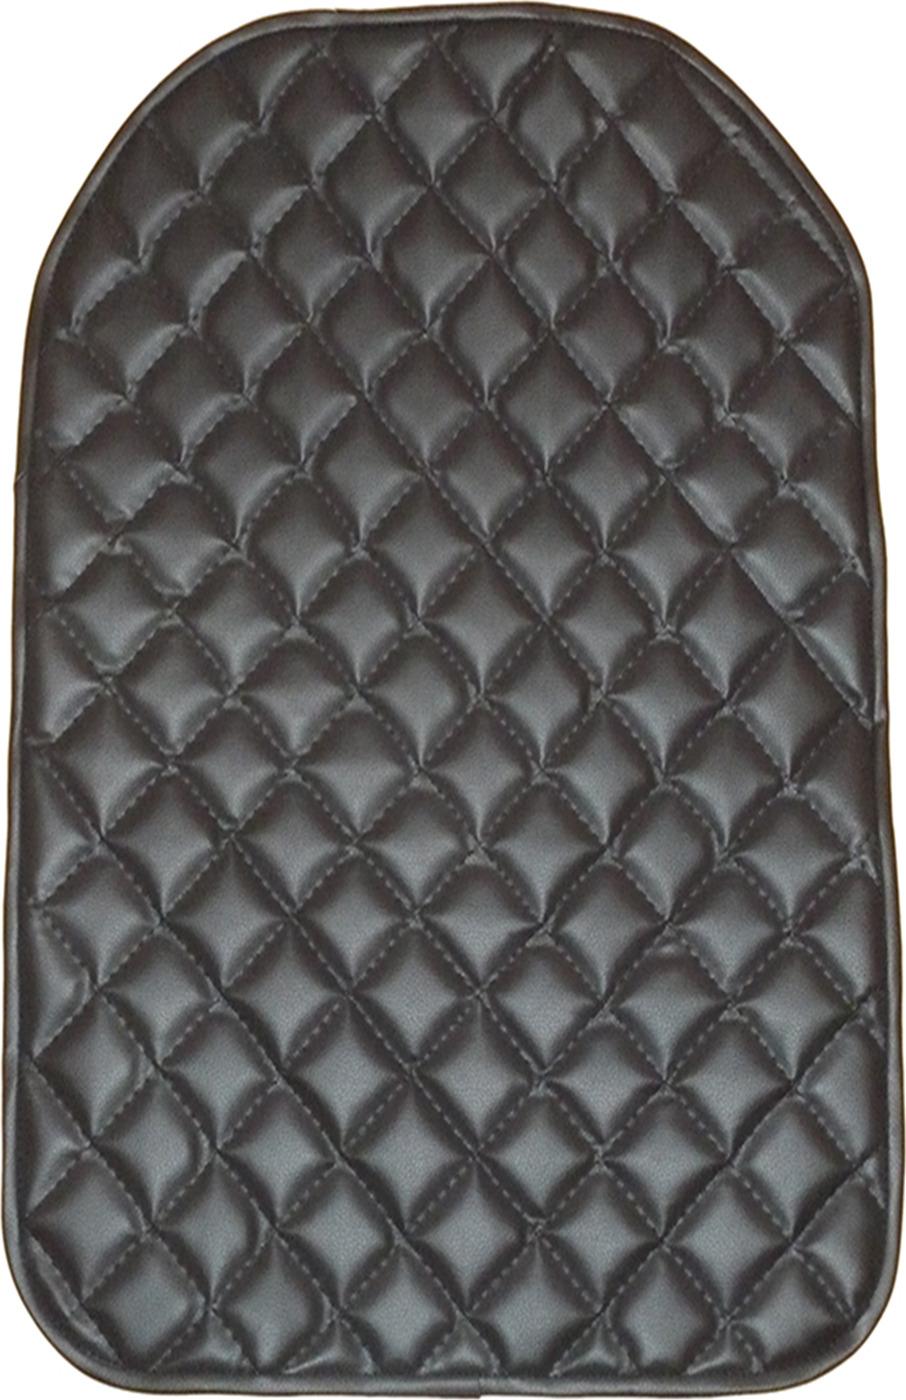 Lux Cover защитный чехол на спинку переднего сиденья из экокожи Stitch (Черный) цена 2017